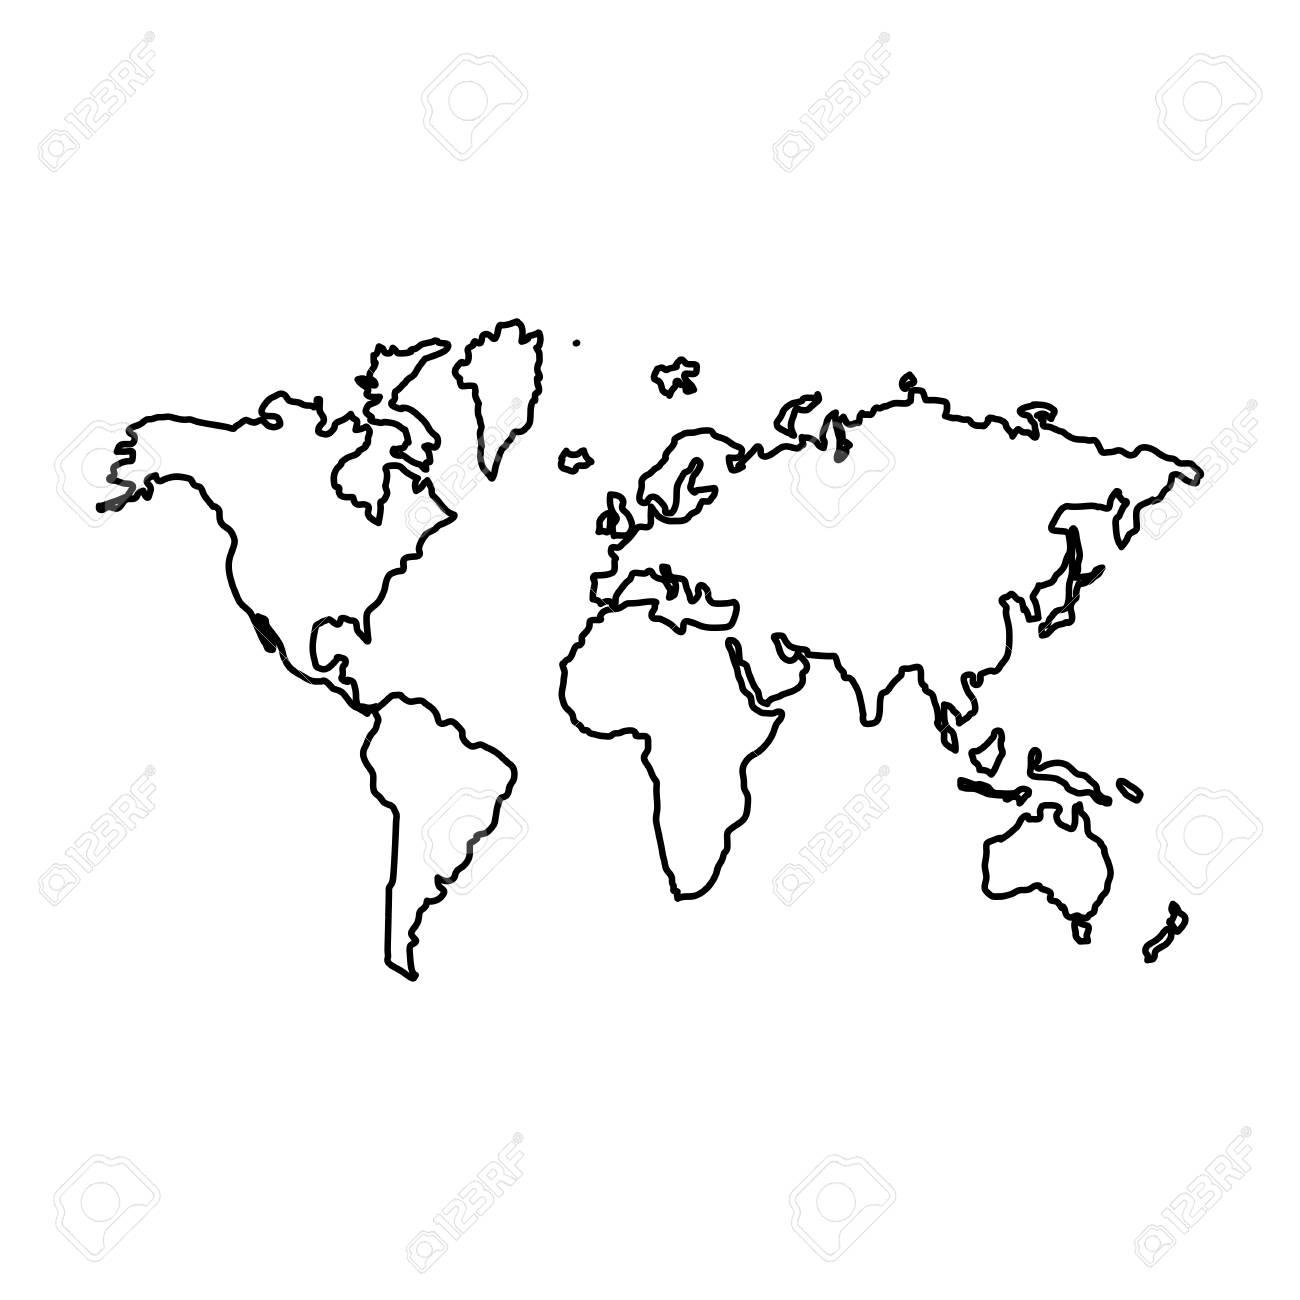 Cartina Geografica Del Mondo In Bianco E Nero.Vettoriale Mappa Del Mondo E L Icona Del Colore Nero Image 80177357